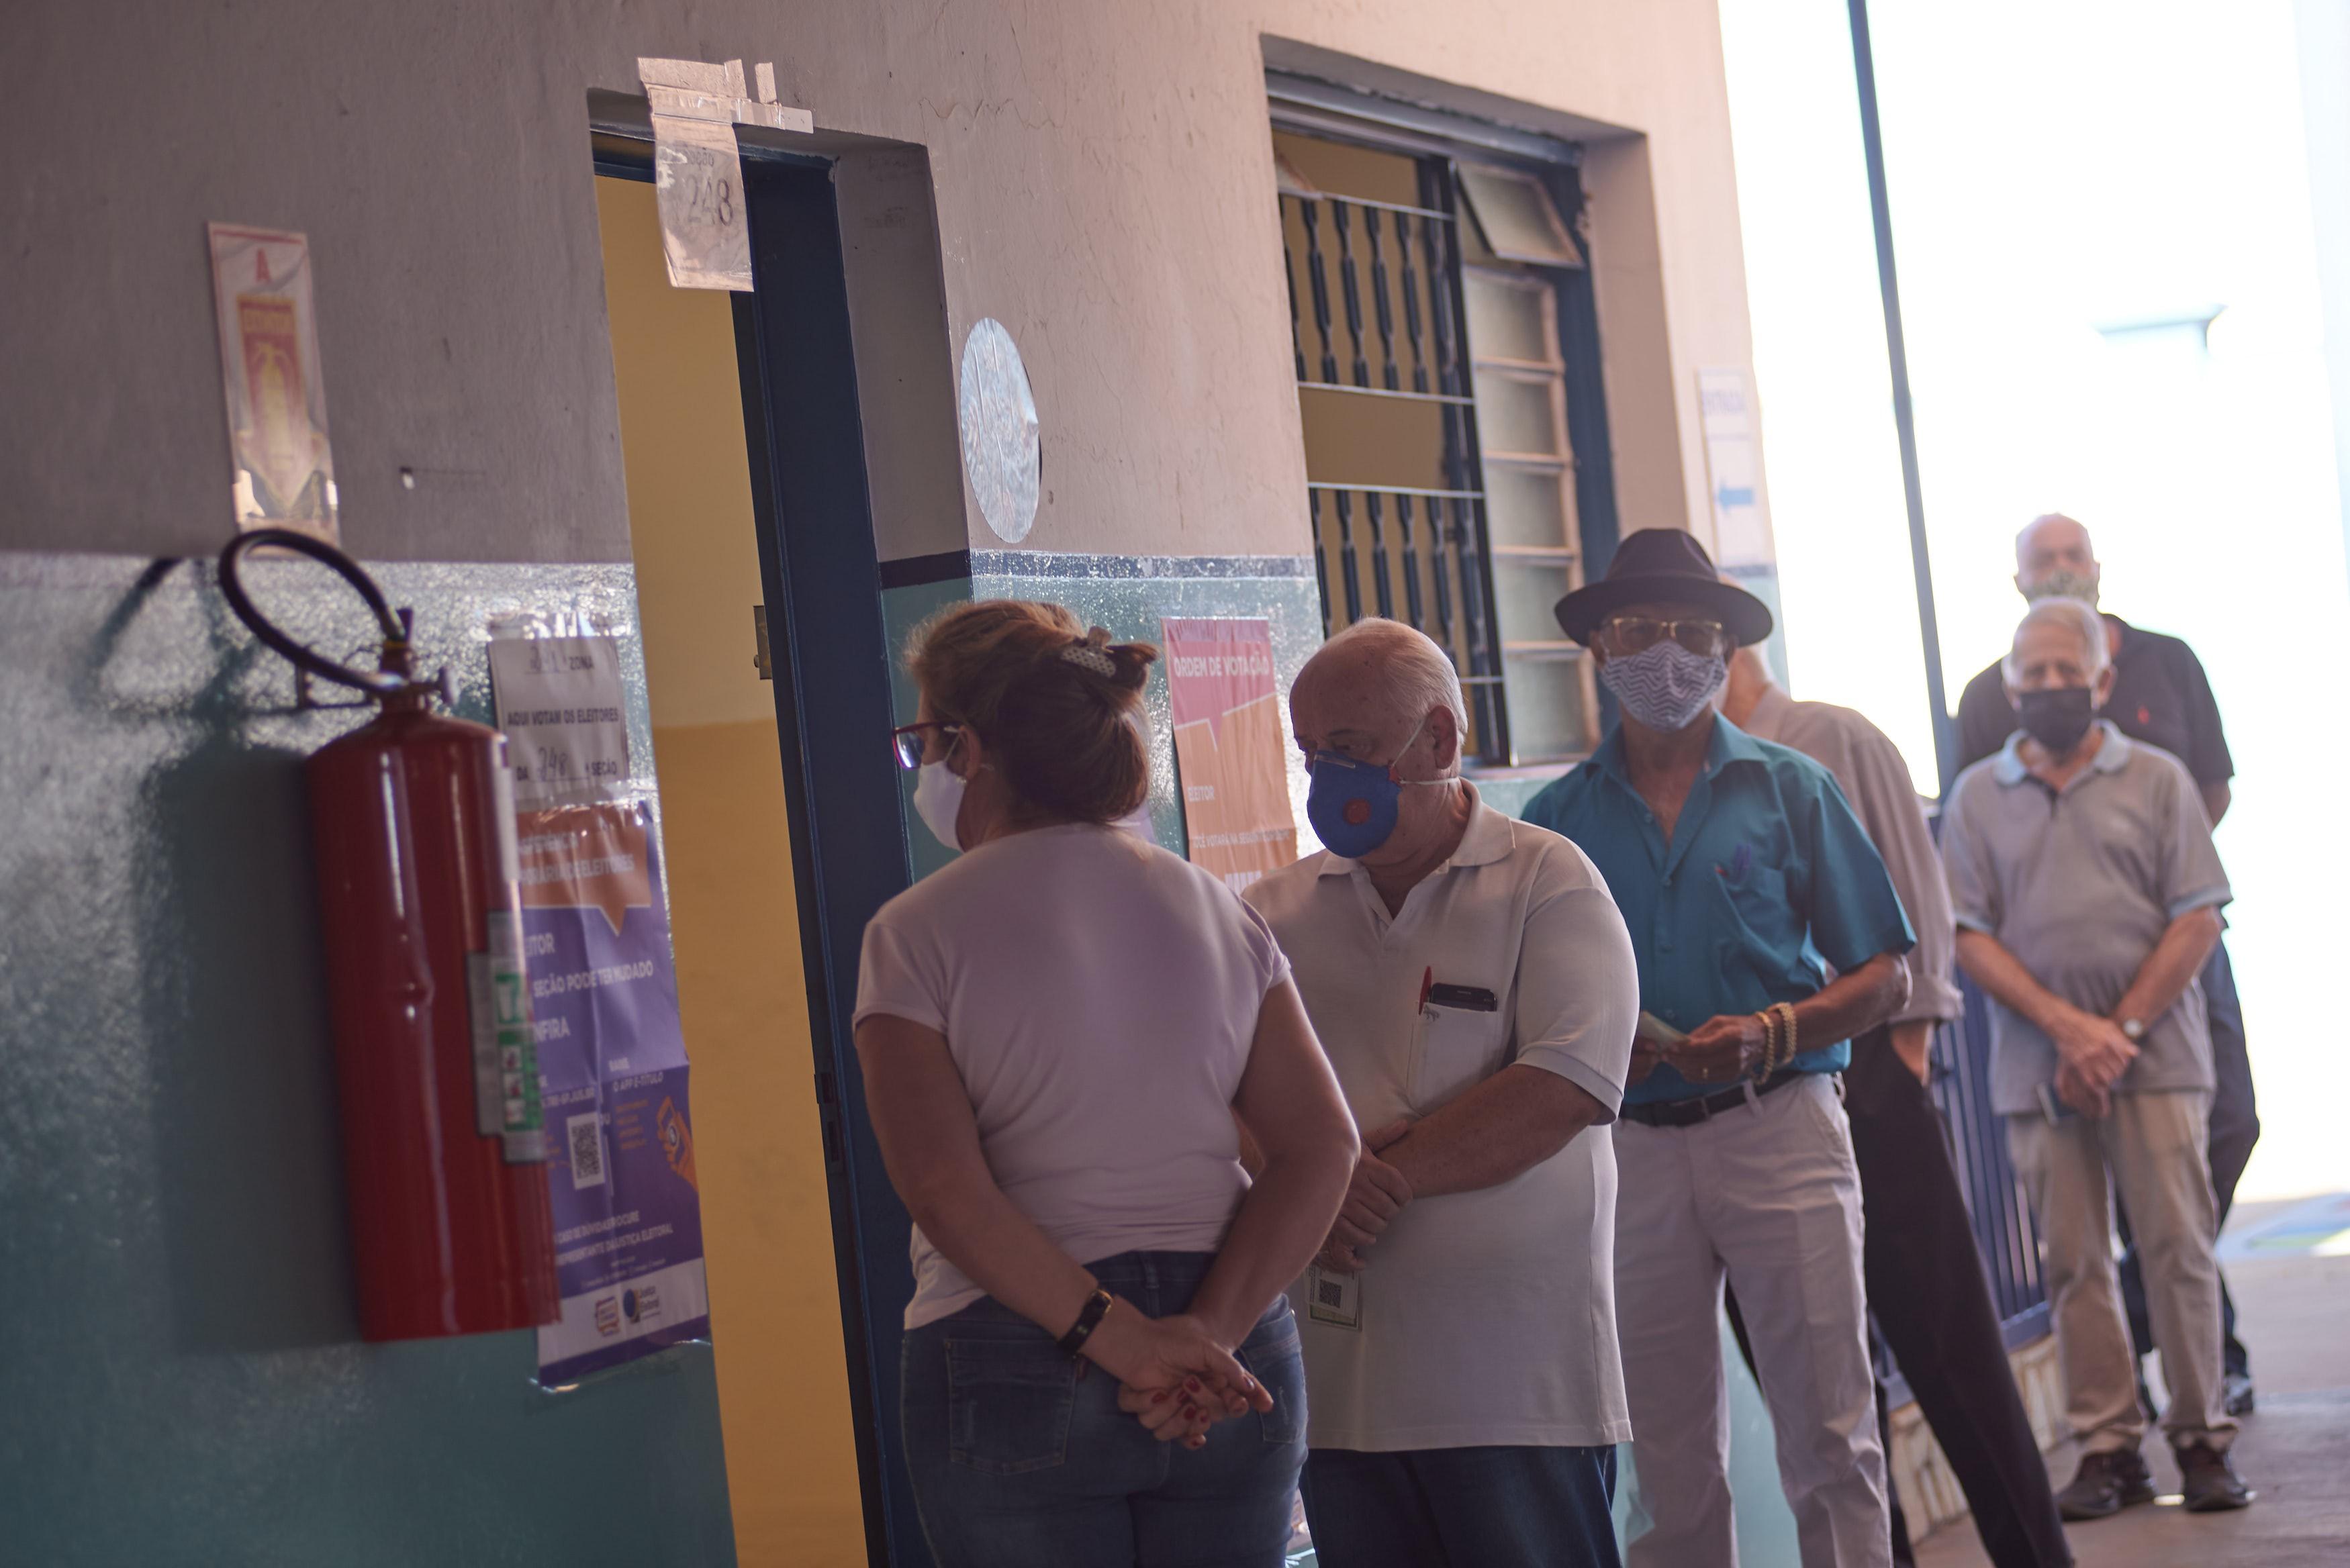 Alexandre Ferreira e Flávia Lancha dizem o que querem fazer pelos idosos em Franca, SP